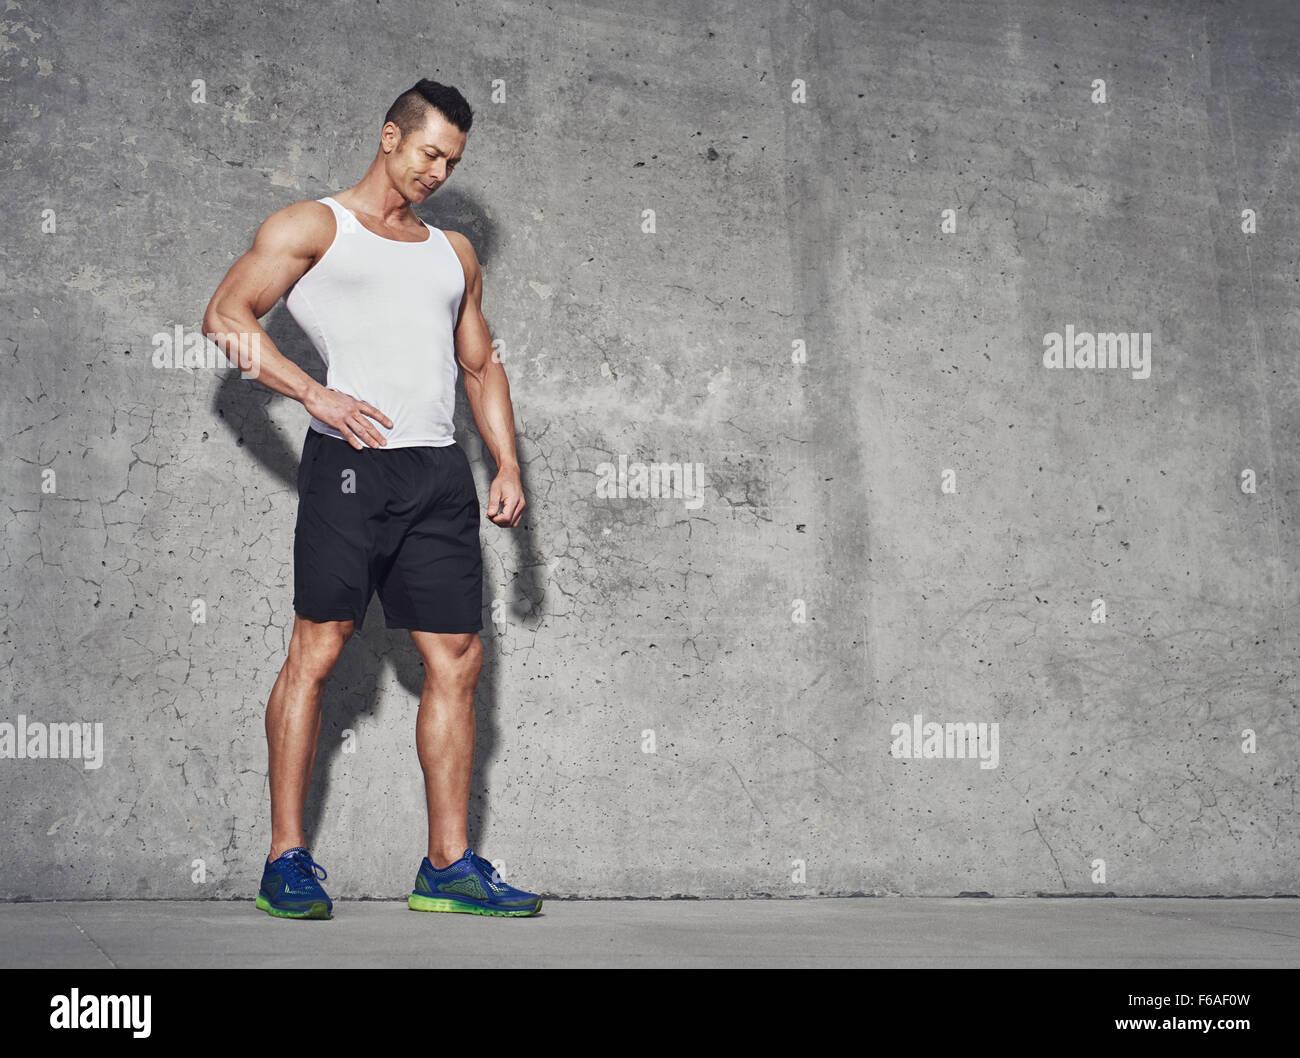 Männlichen Fitness-Modell in weißen Tank-Top Entspannung nach dem Training. Grauer Hintergrund mit Platz Stockbild